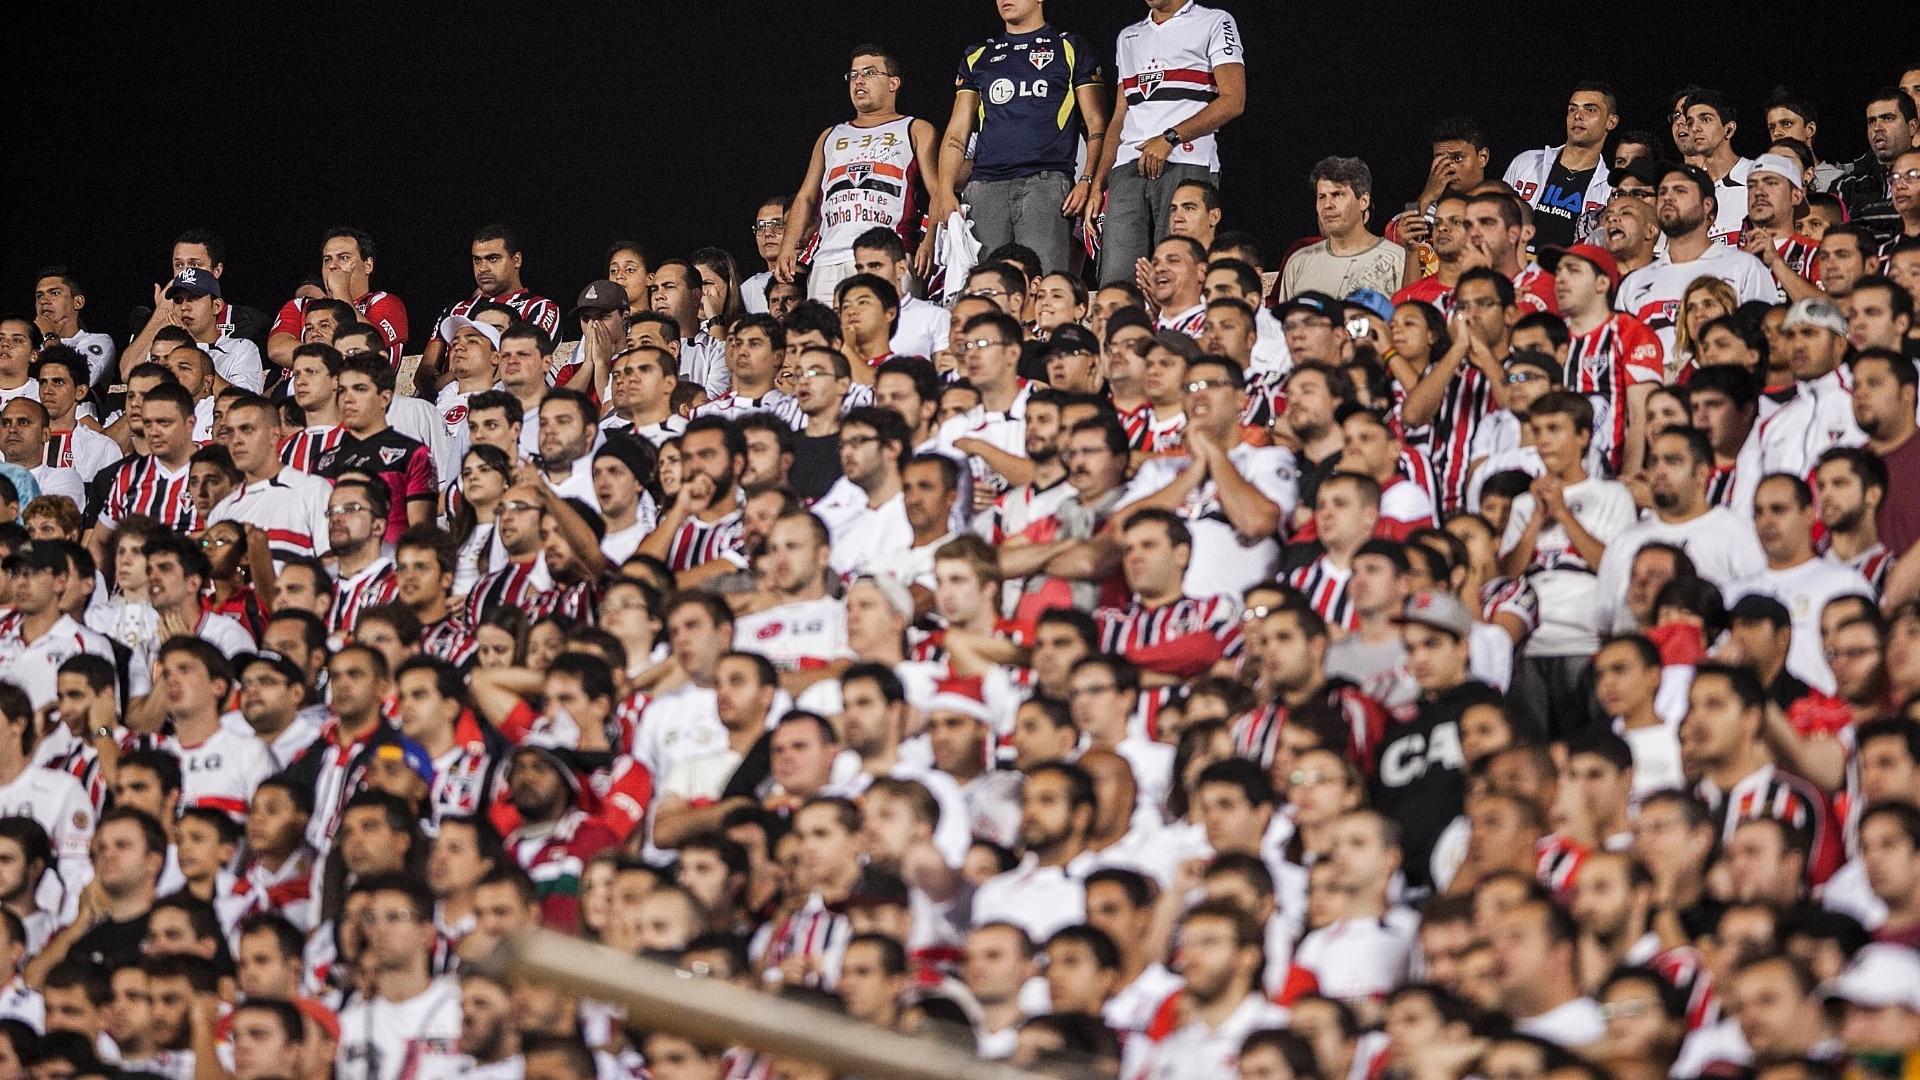 28.11.2012 - Torcida do São Paulo lota o Morumbi para assistir ao duelo contra a Universidad Católica